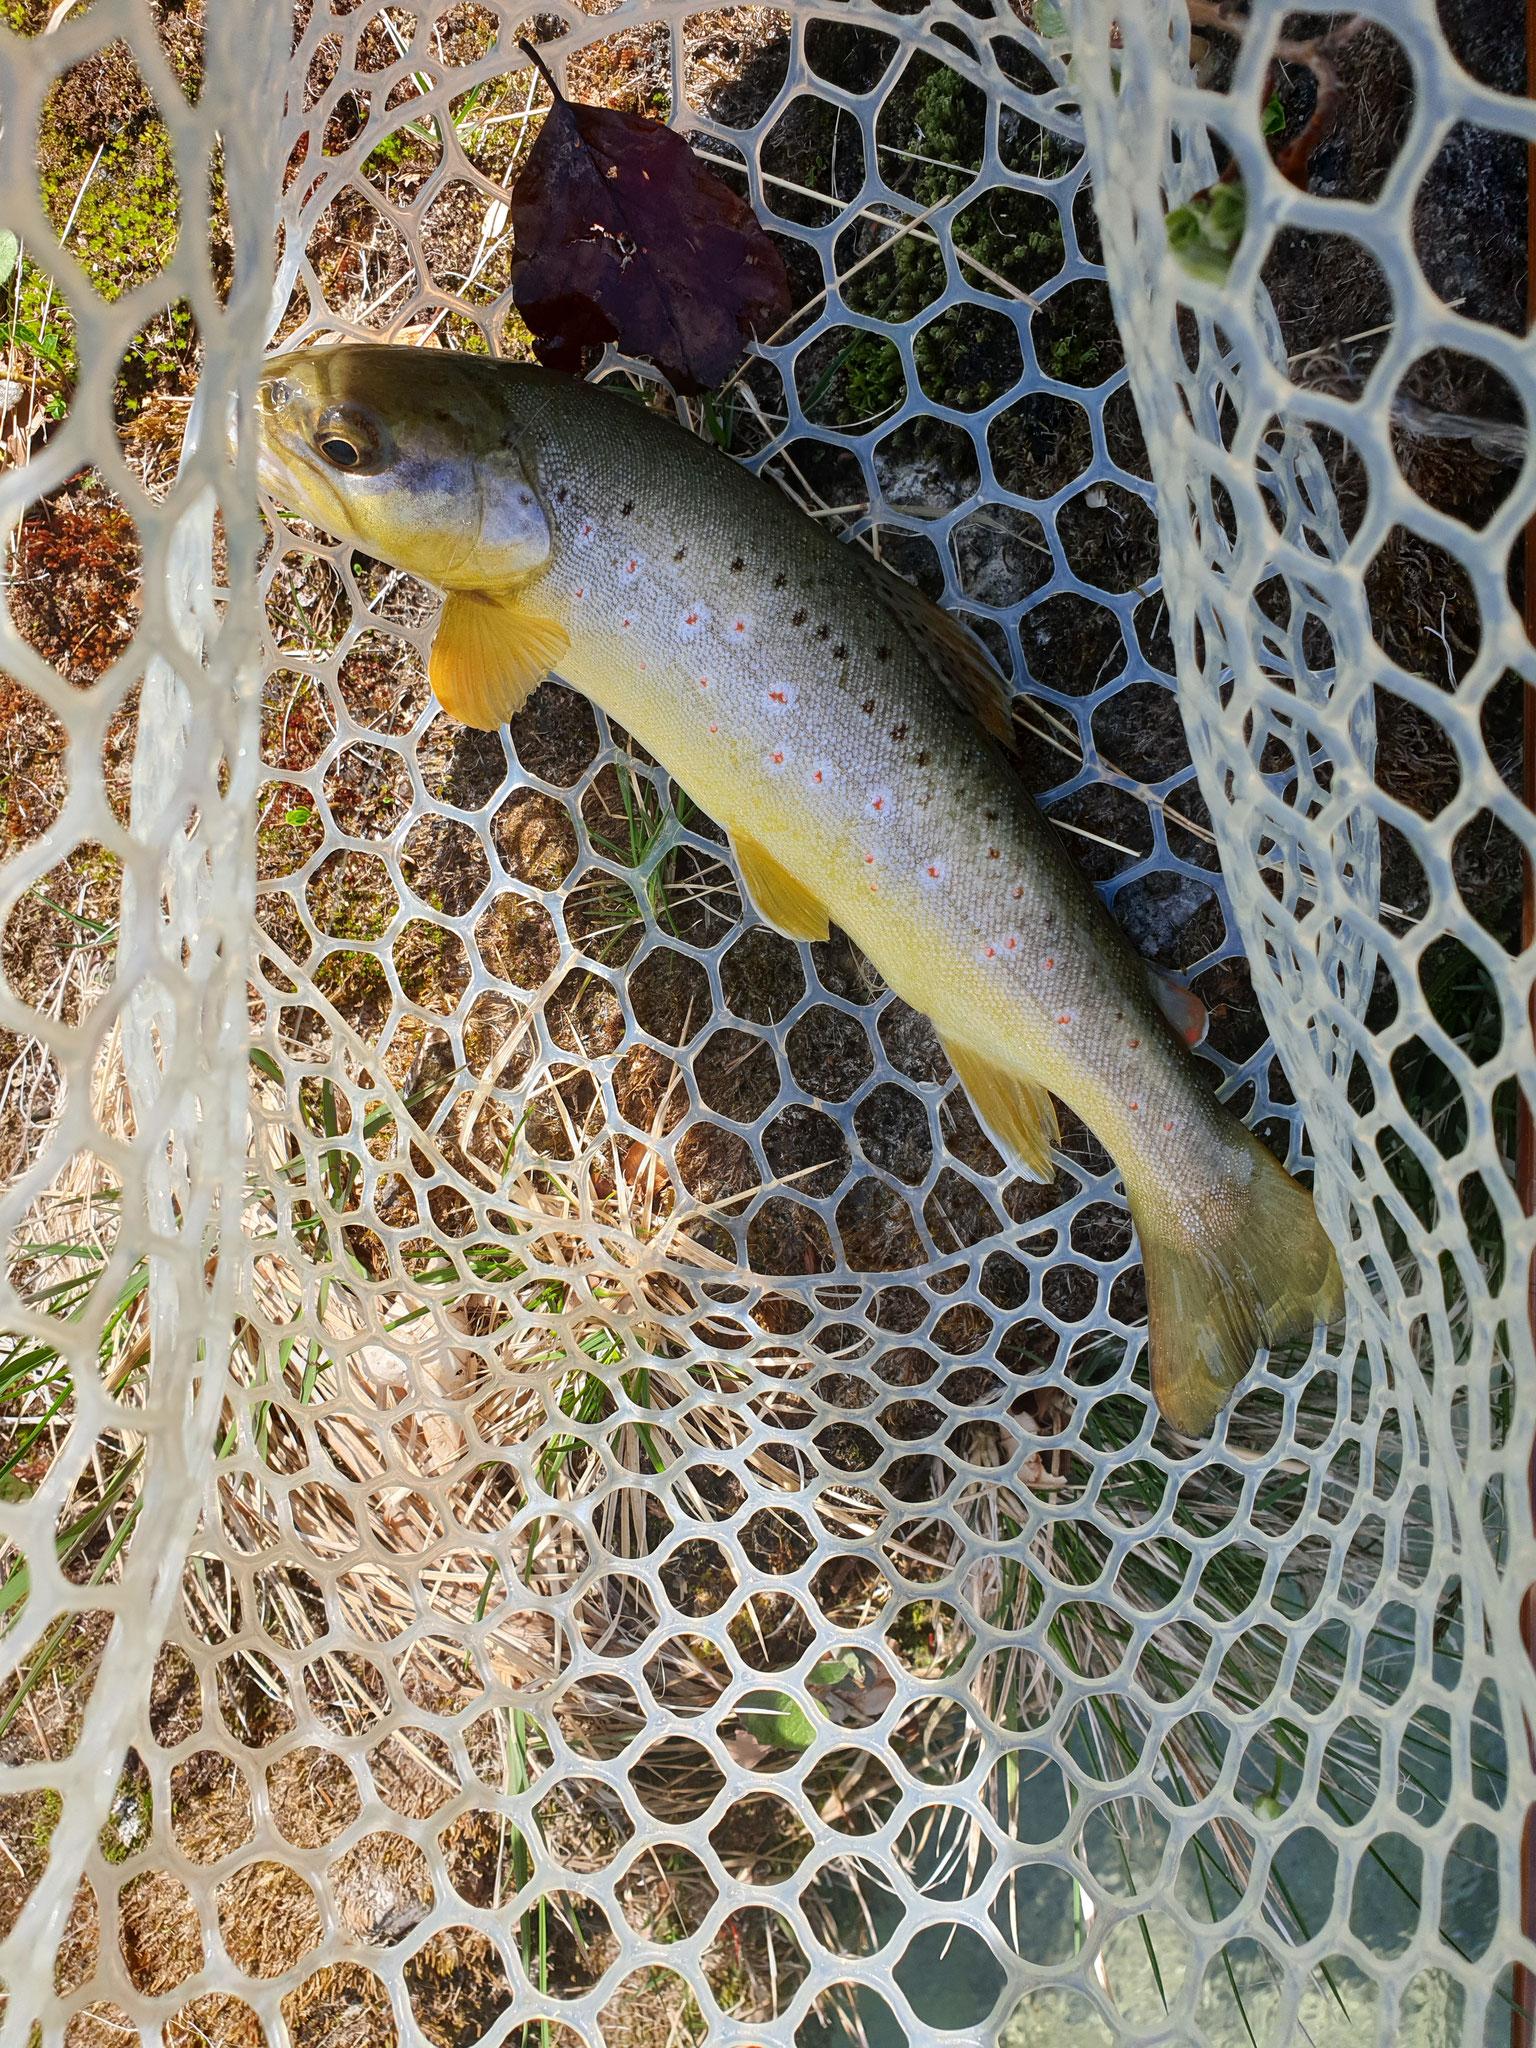 2019.04.07 BF Natur 25 cm, so sehen Fische aus, welche den Winter unter Prädatoren überleben